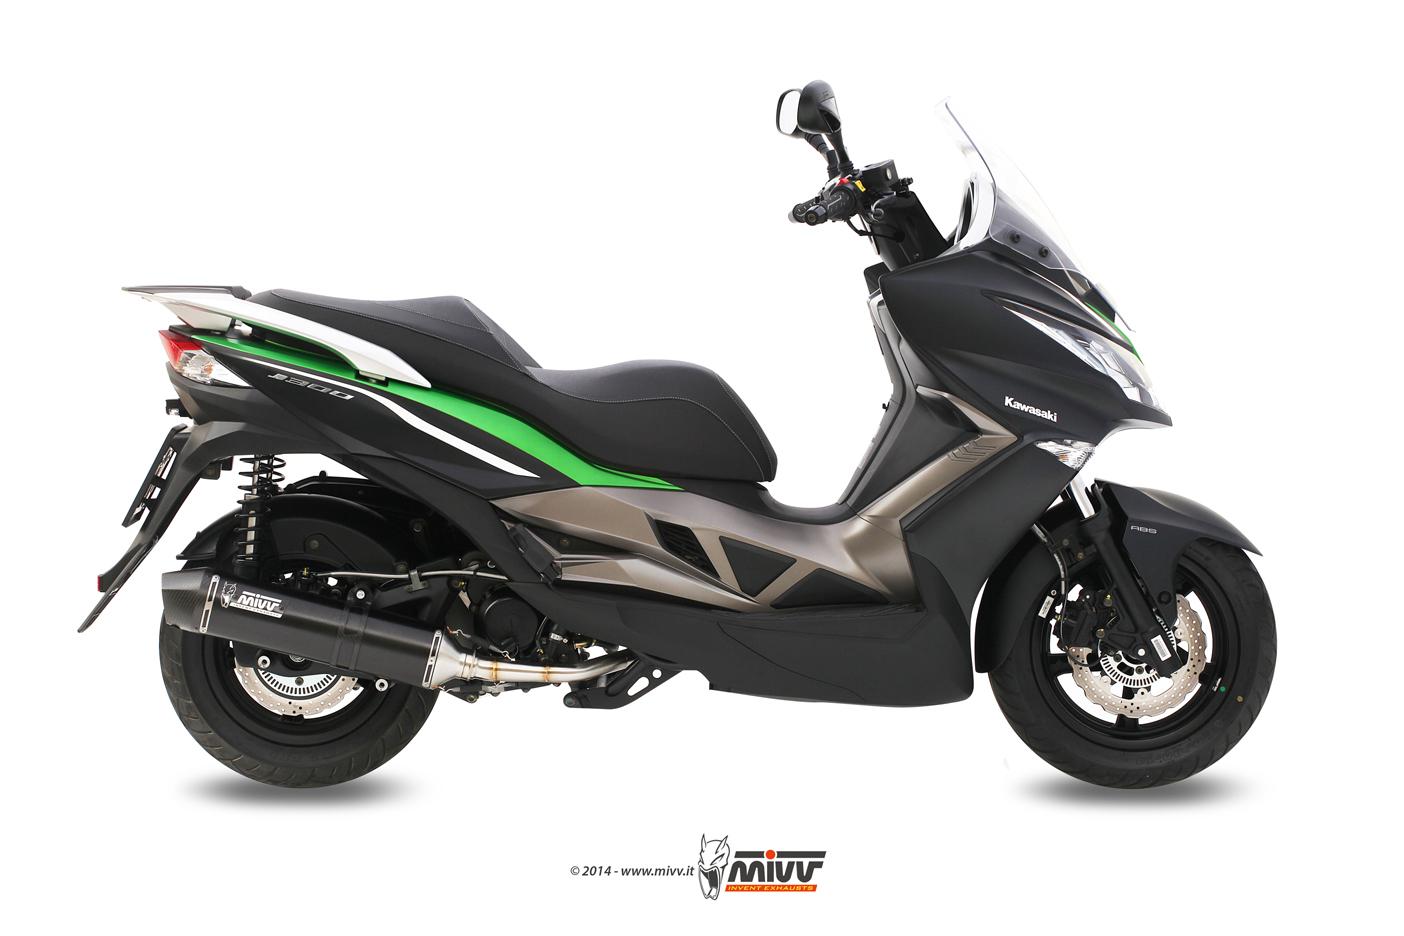 Escape completo no homologado Mivv Stronger acero negro para Kymco Downtown 300 09-12 Kawasaki J300 14-20